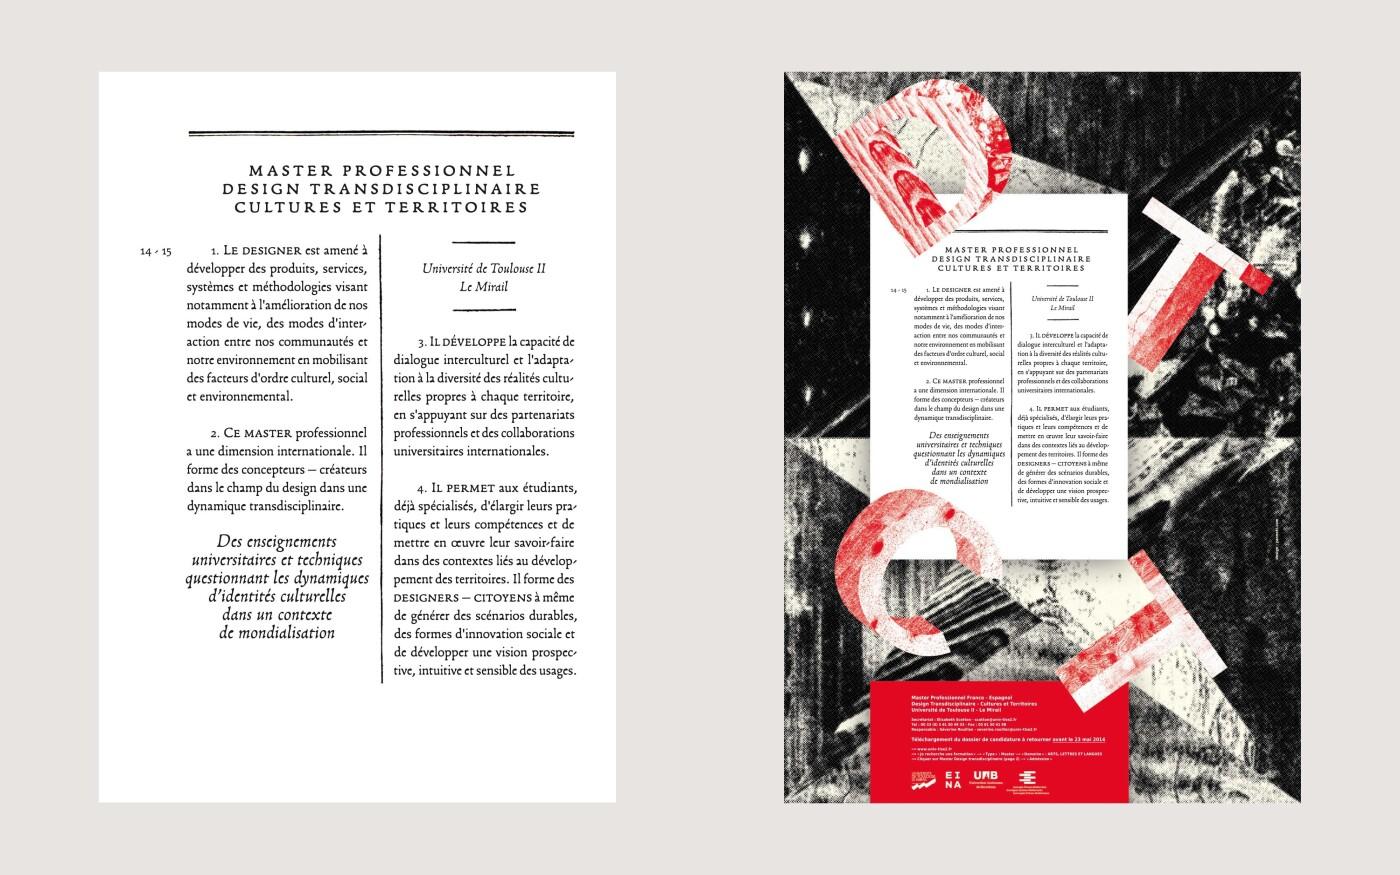 Affiche du Master Design Transdisciplinaire, Cultures et Territoires